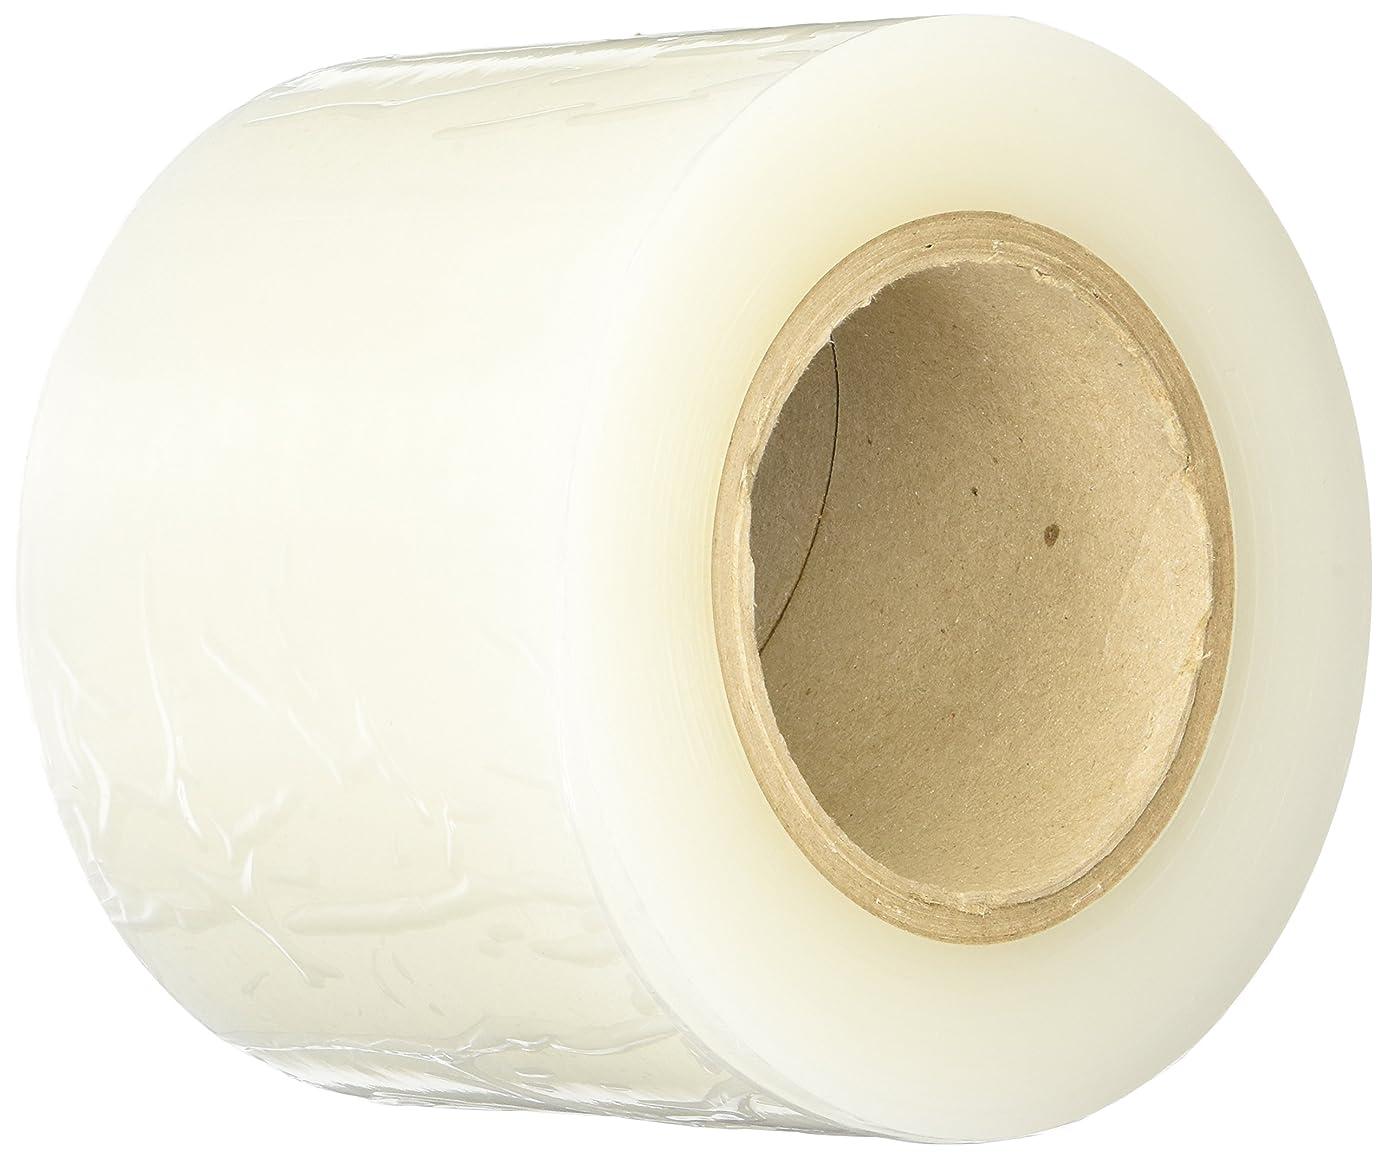 TapeCase UV-PRO UV Protective Film Tape Low Tack 4